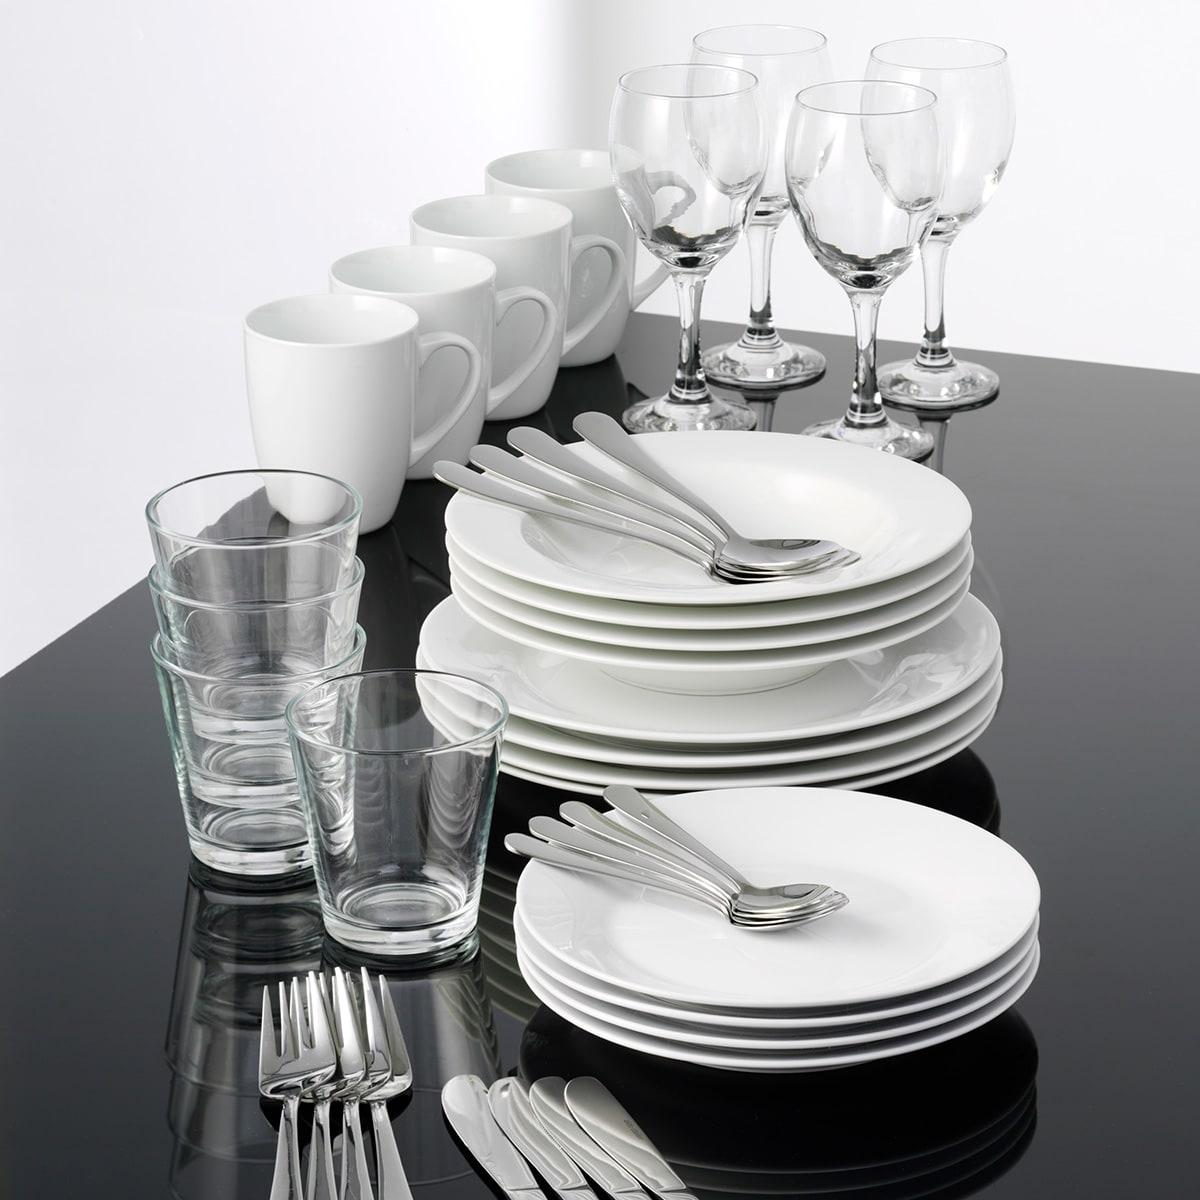 Porcelæn - 40 dele til 4 personer